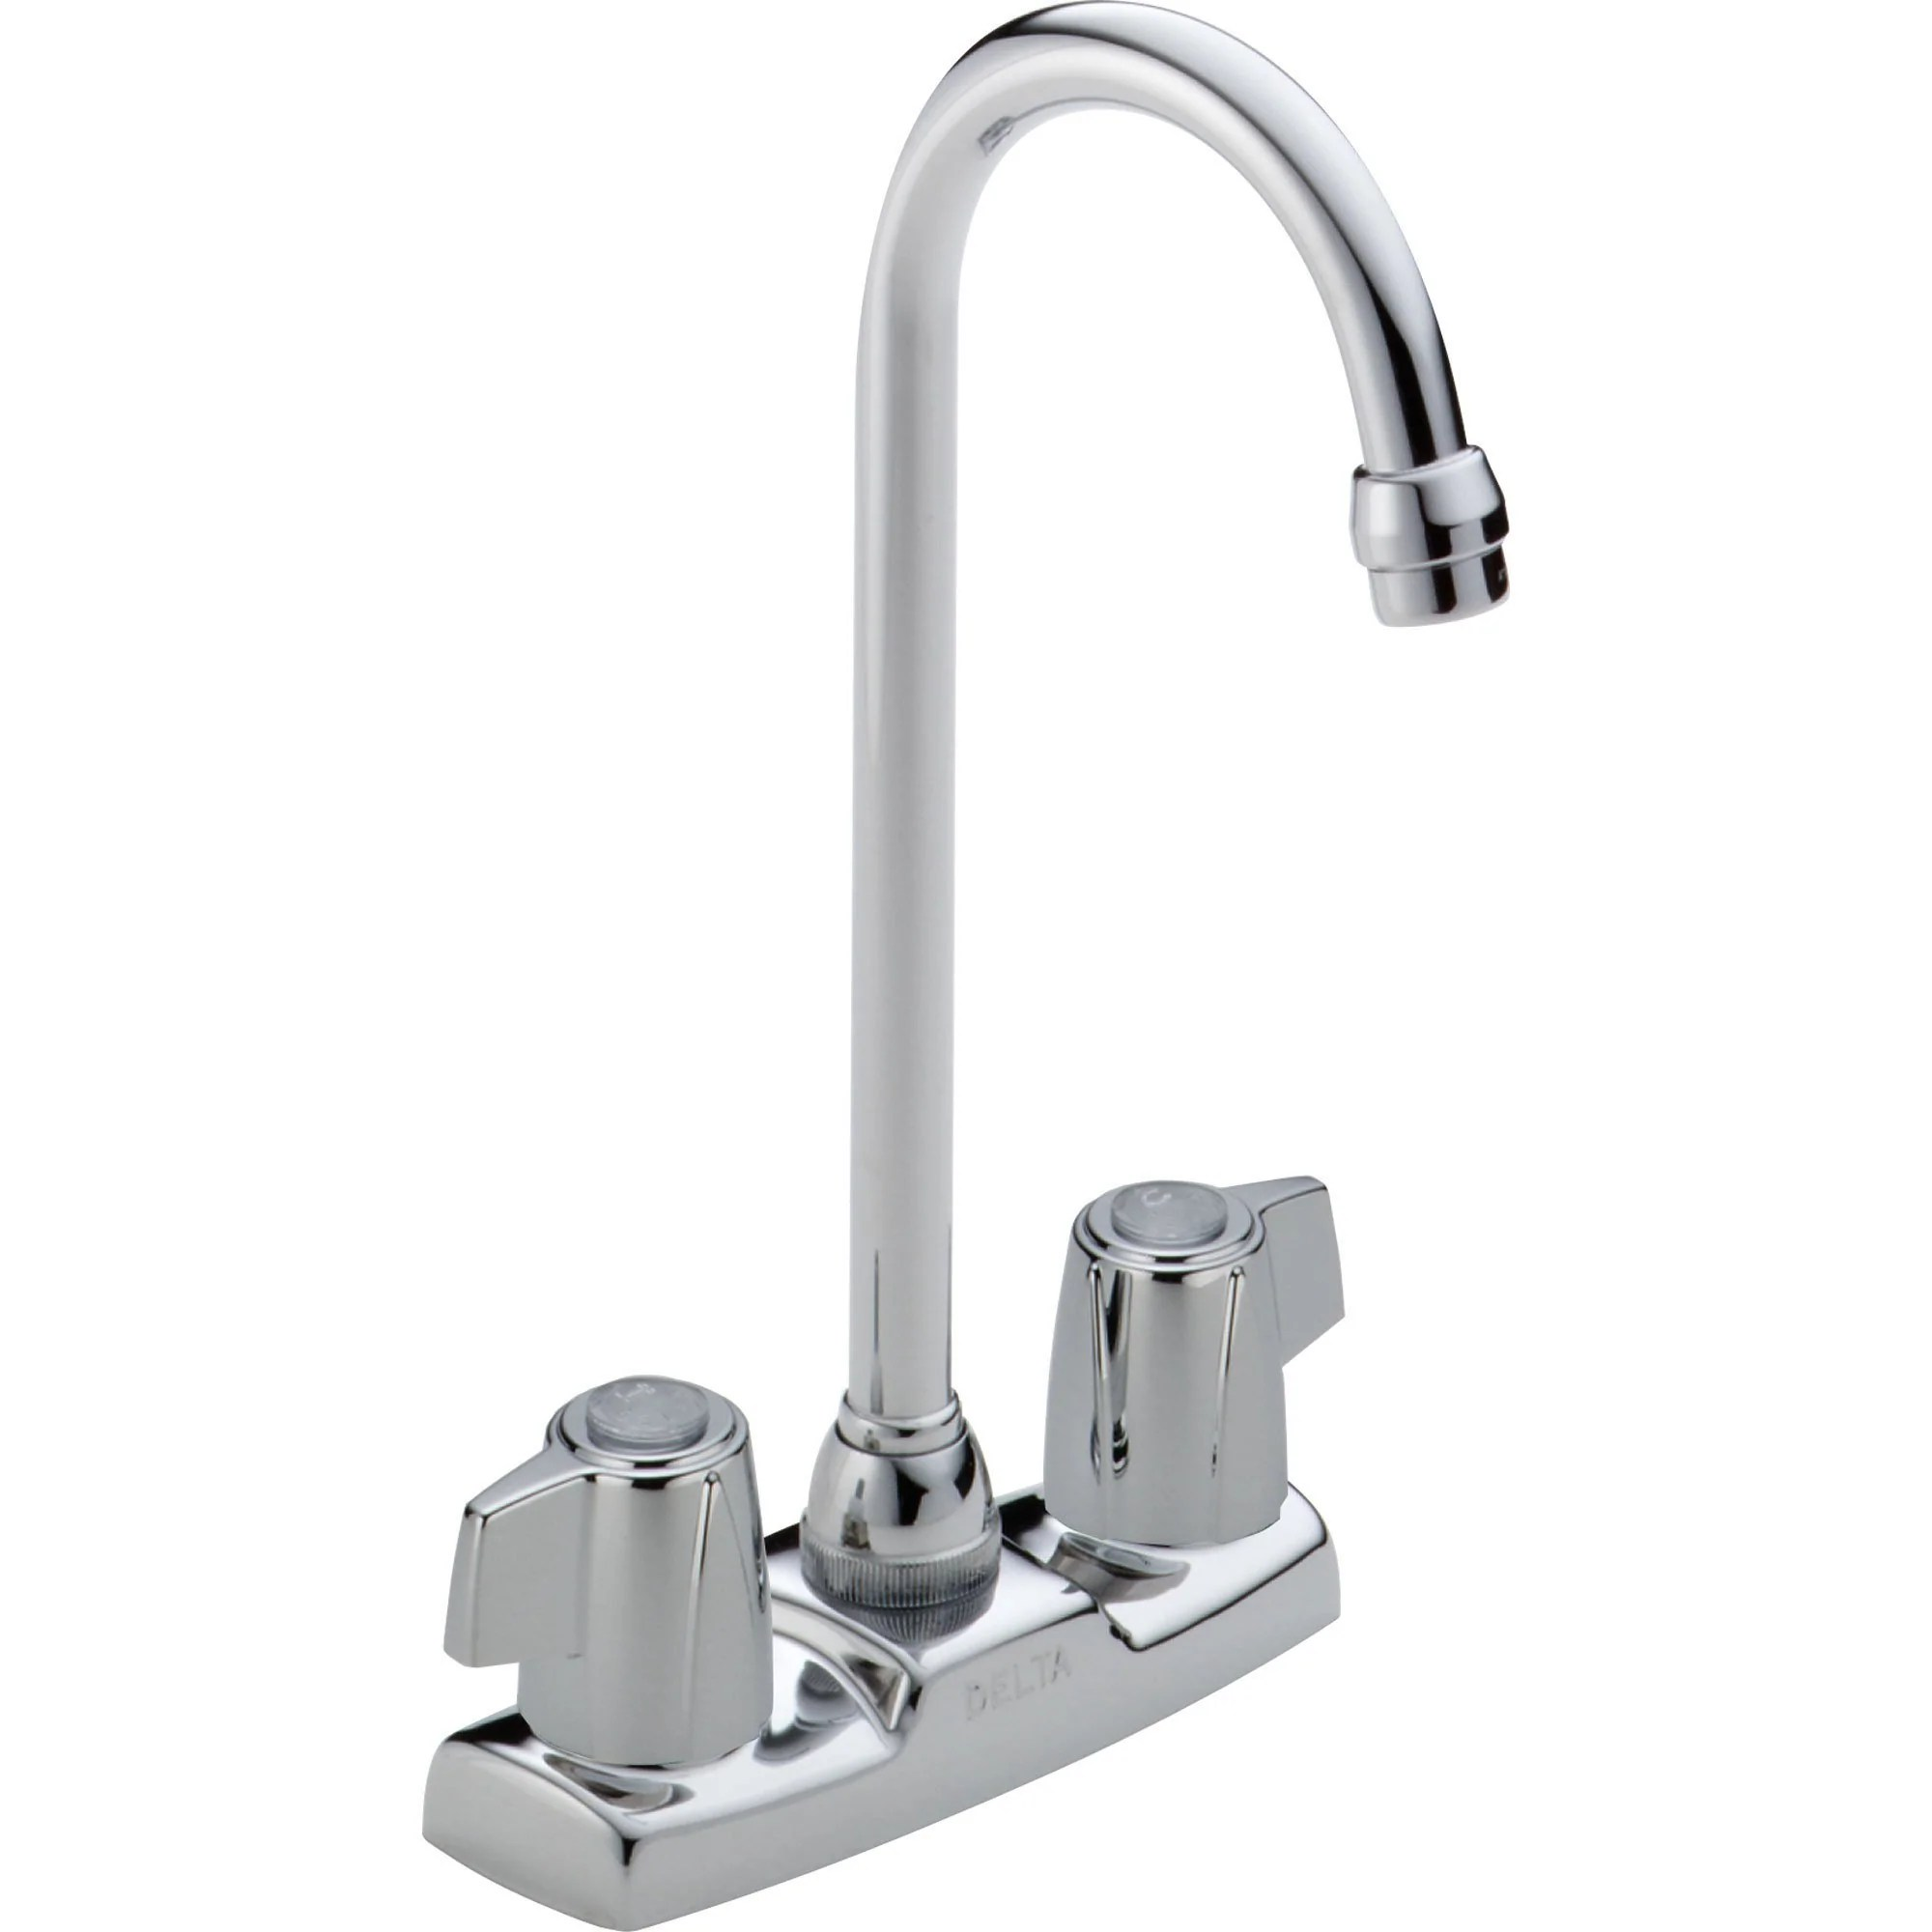 delta gooseneck spout two handle chrome bar prep sink faucet 555810